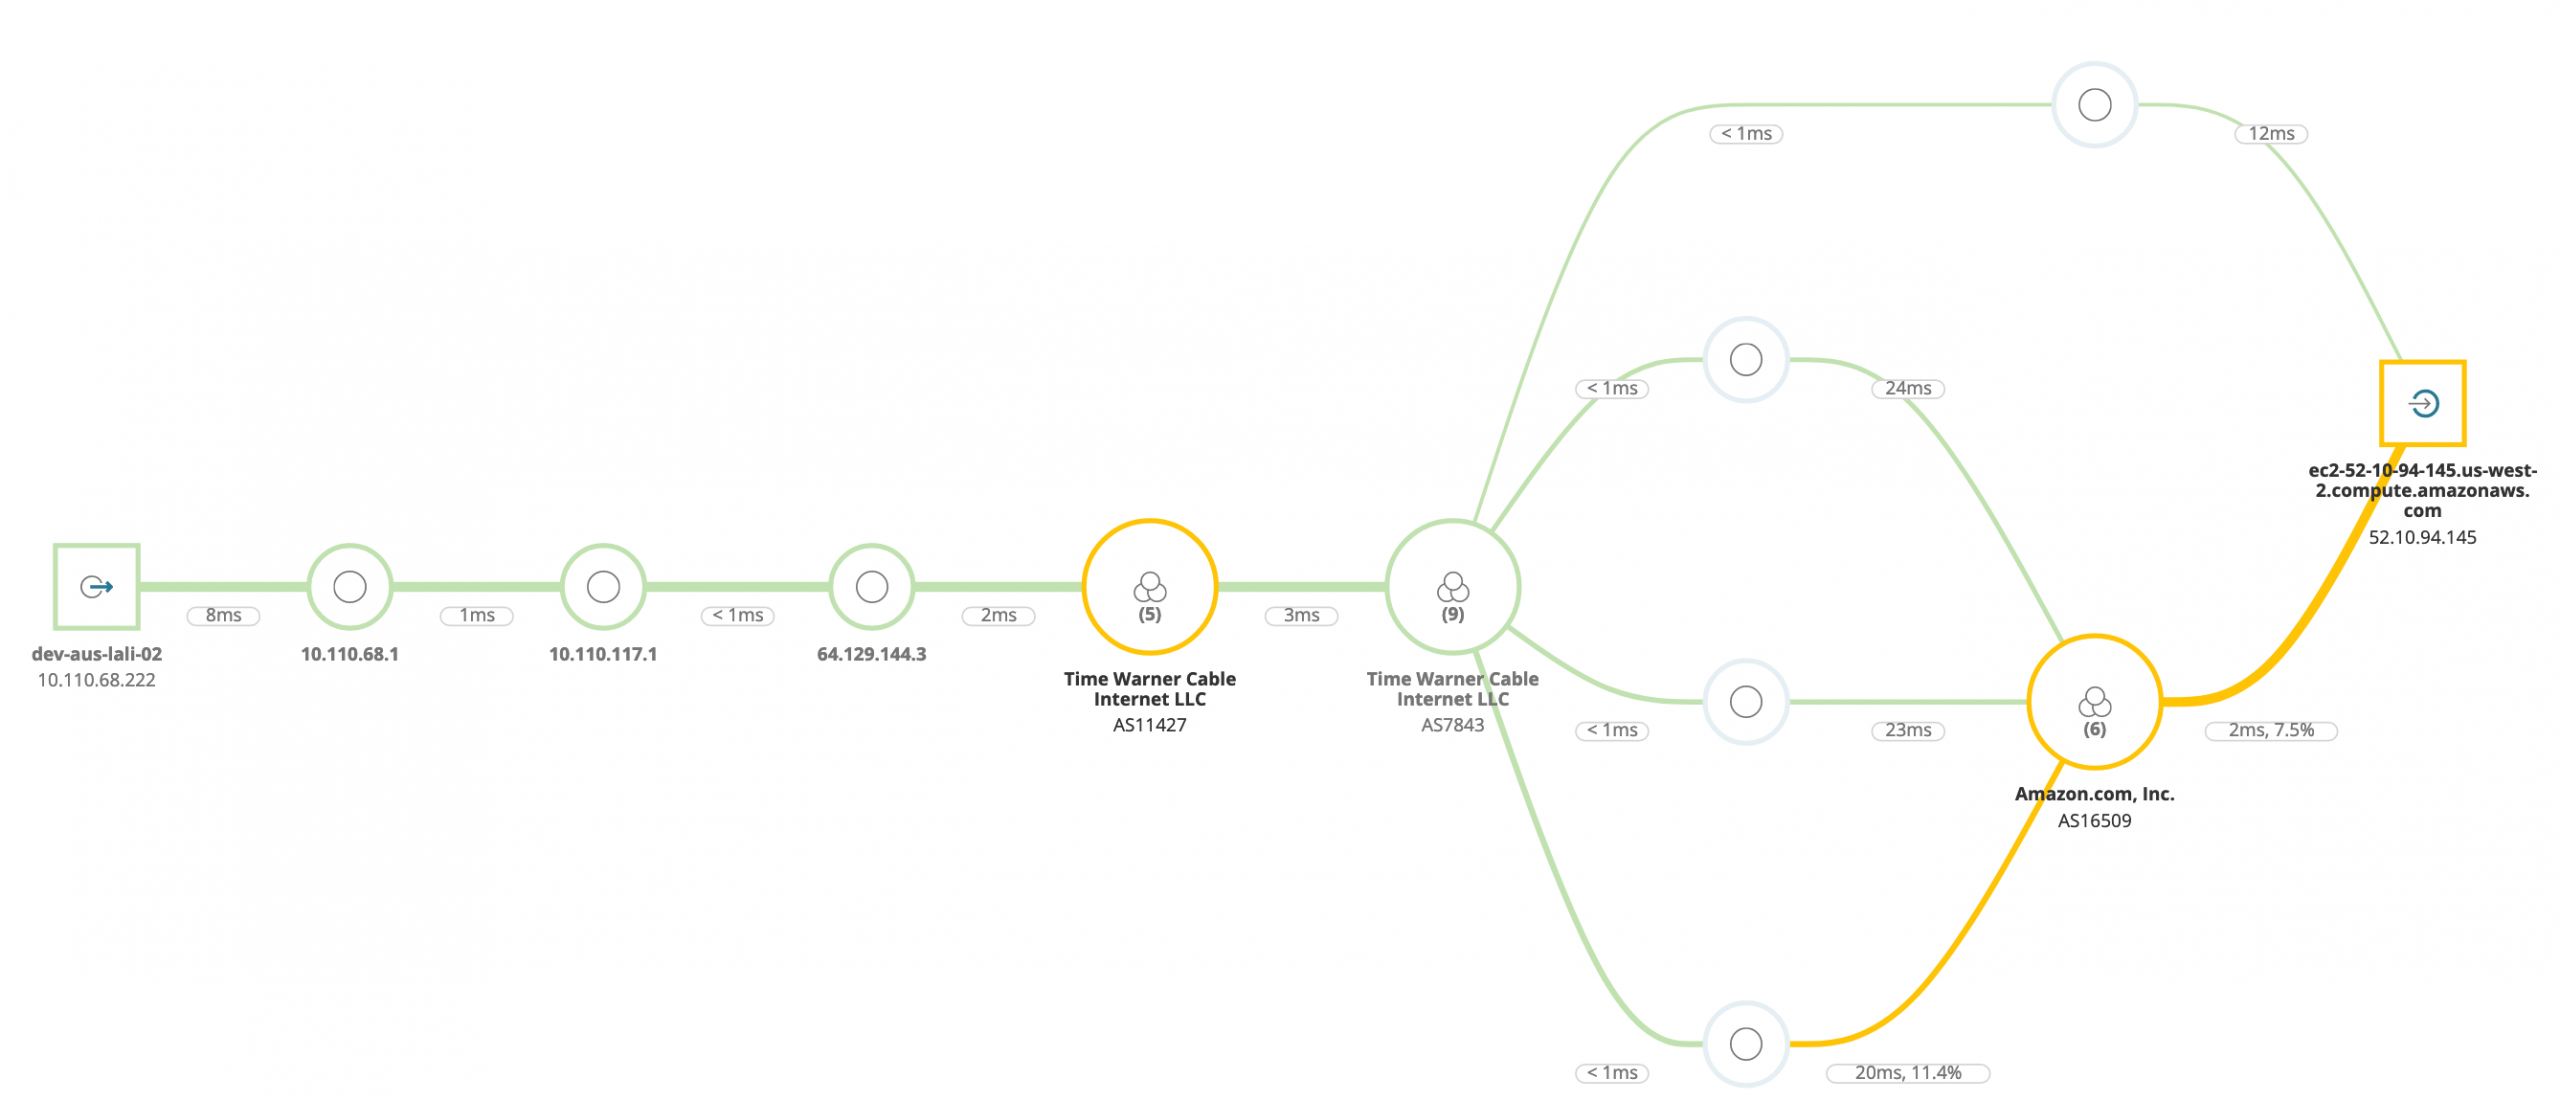 Monitoreo de rendimiento de aplicaciones (APM) También conocida como Application Performance Monitoring, es un término que se refiere, entre otras cosas, a los tiempos de transacción y la experiencia del usuario. APM se integra con las aplicaciones para recopilar, procesar, analizar y correlacionar la información de todos los componentes. Por ejemplo, AppOptics™ de SolarWinds® es una herramienta APM, con la que no se necesita elegir qué aplicaciones o métricas se monitorean. Con AppOptics, puedes permitirte el lujo de monitorear todas las métricas de todas tus aplicaciones críticas de negocio, herramientas de orquestación y plataformas de la nube, todo en una vista simple, elegante y fácil de usar.